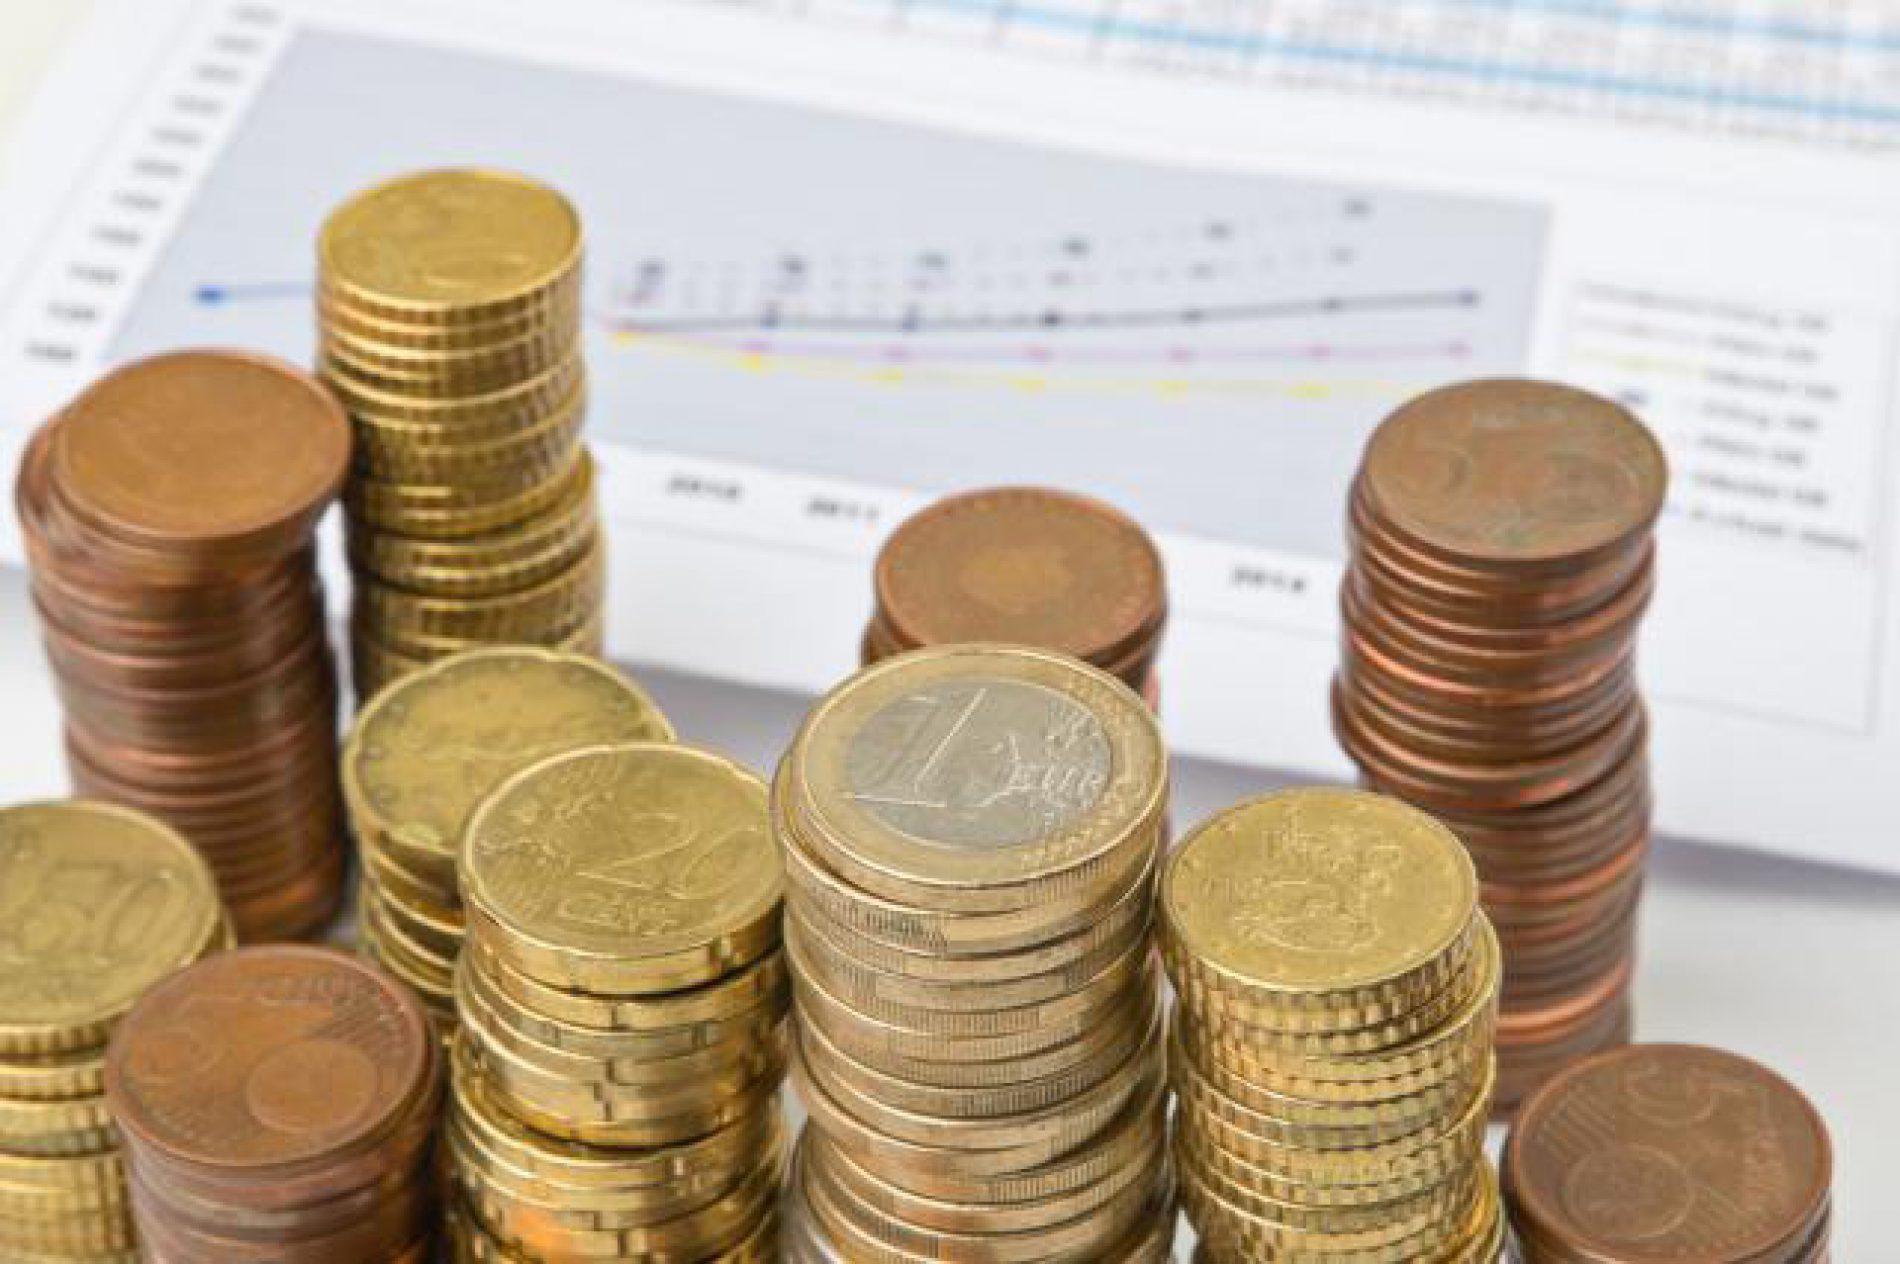 Dossier coefficienti : come si ridurranno le pensioni dal 2016 [miowelfare.it]